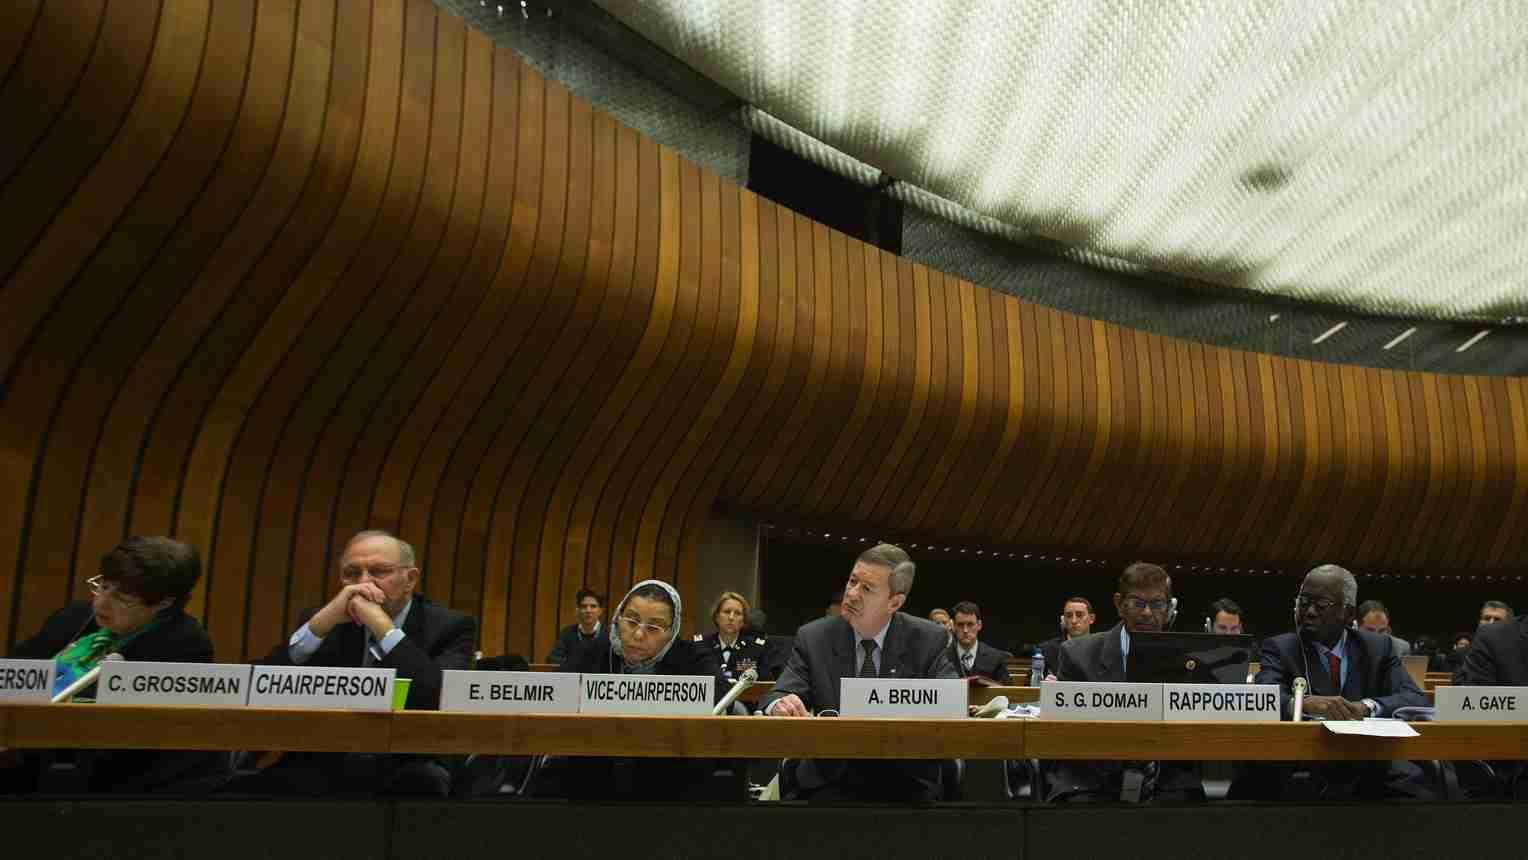 「日韓合意見直し」 勧告したのは国連の委員会でも国連の機関でもない(楊井人文) - 個人 - Yahoo!ニュース